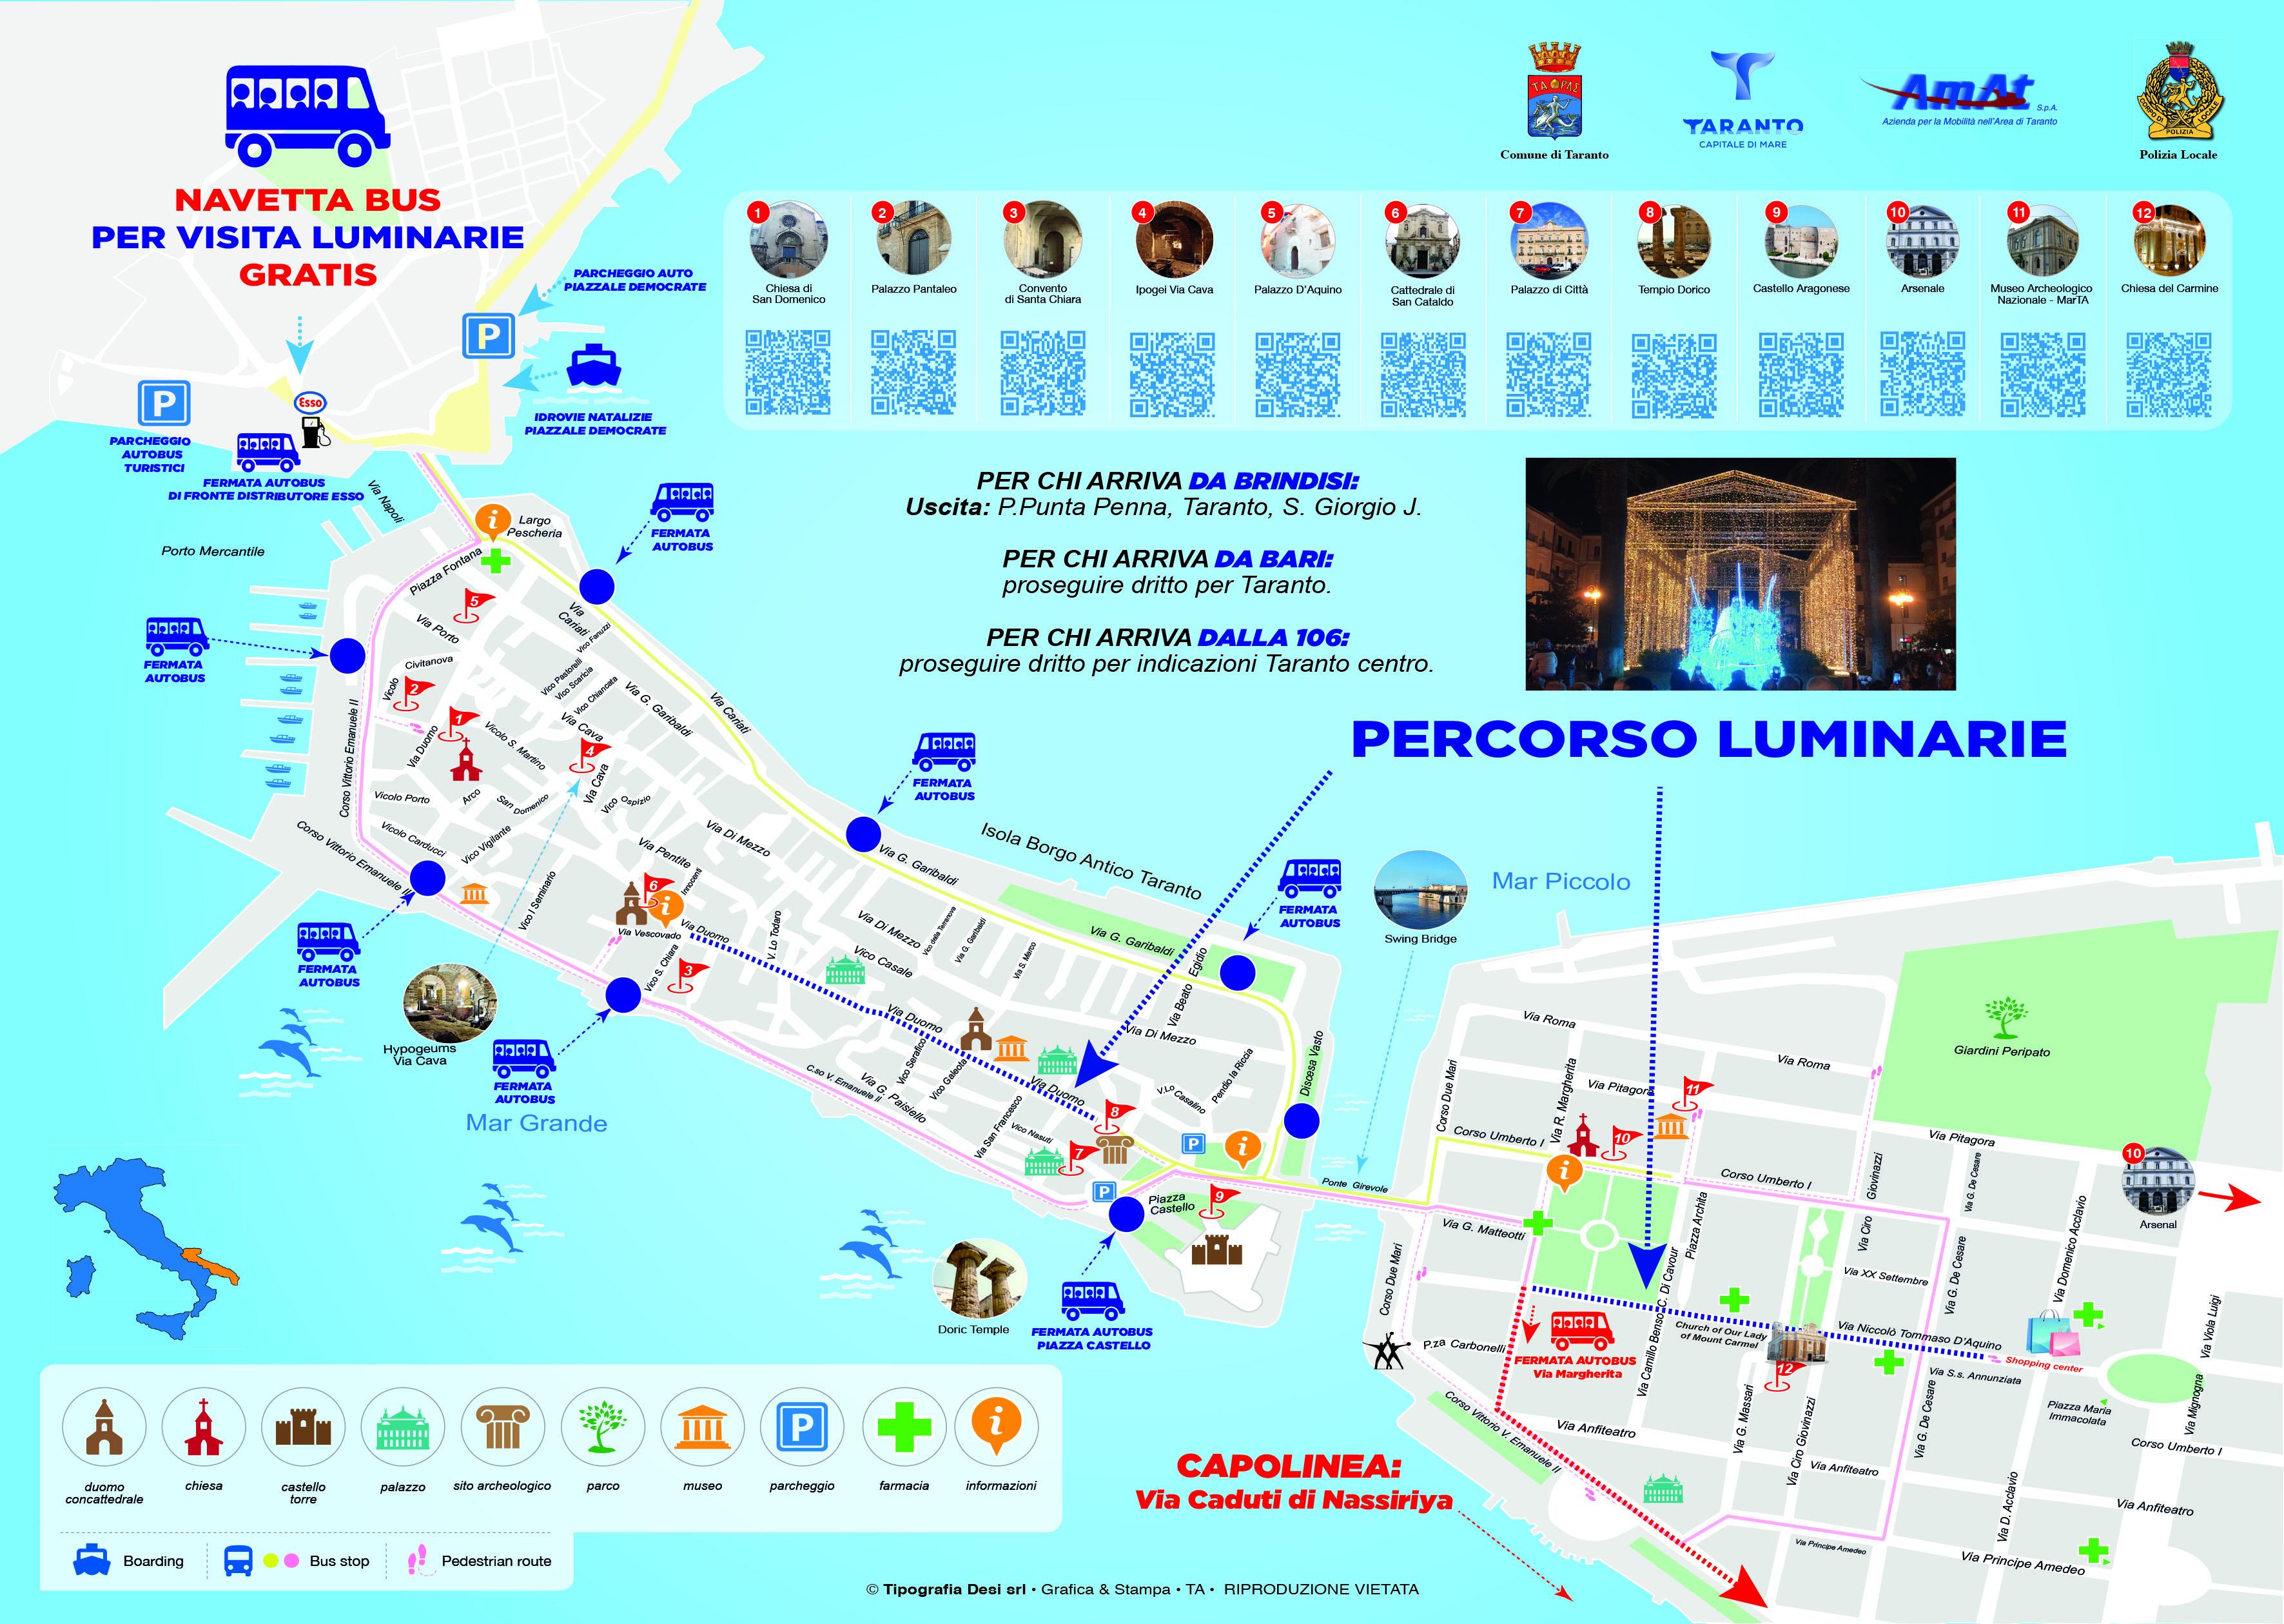 Cartina Strade Puglia.Luminarie D Artista Per Il Natale Nelle Strade Di Taranto Mappa Navette Bus Polizia Locale Taranto